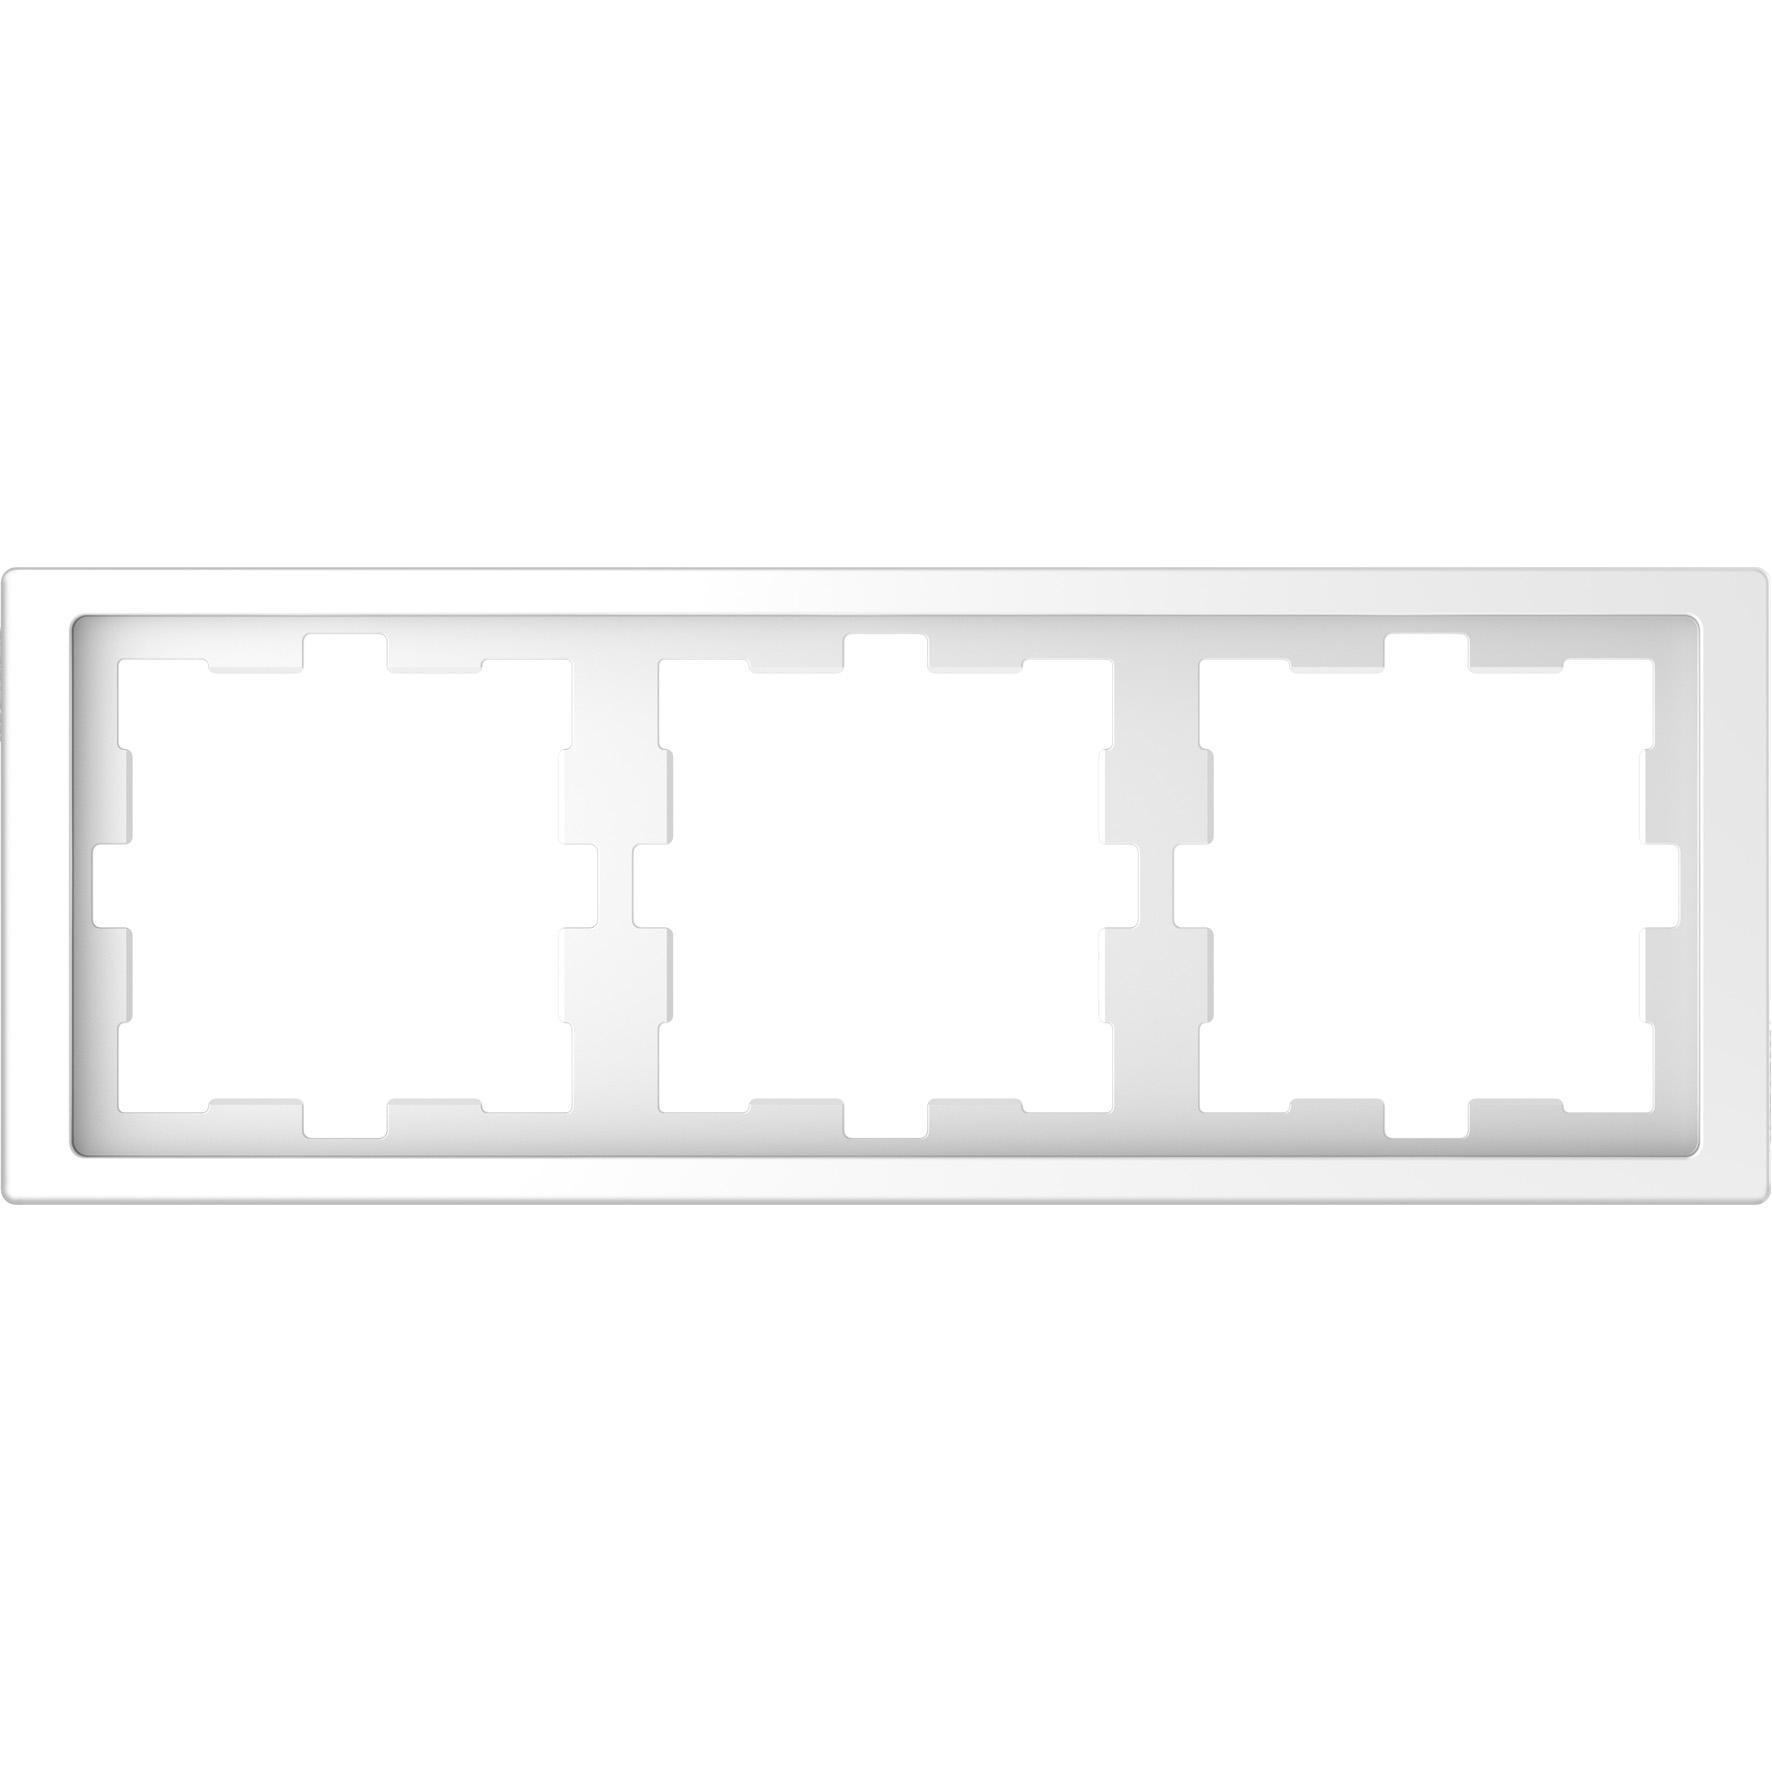 Schneider-Merten D Life afdekraam 3-voudig - lotuswit (MTN4030-6535)